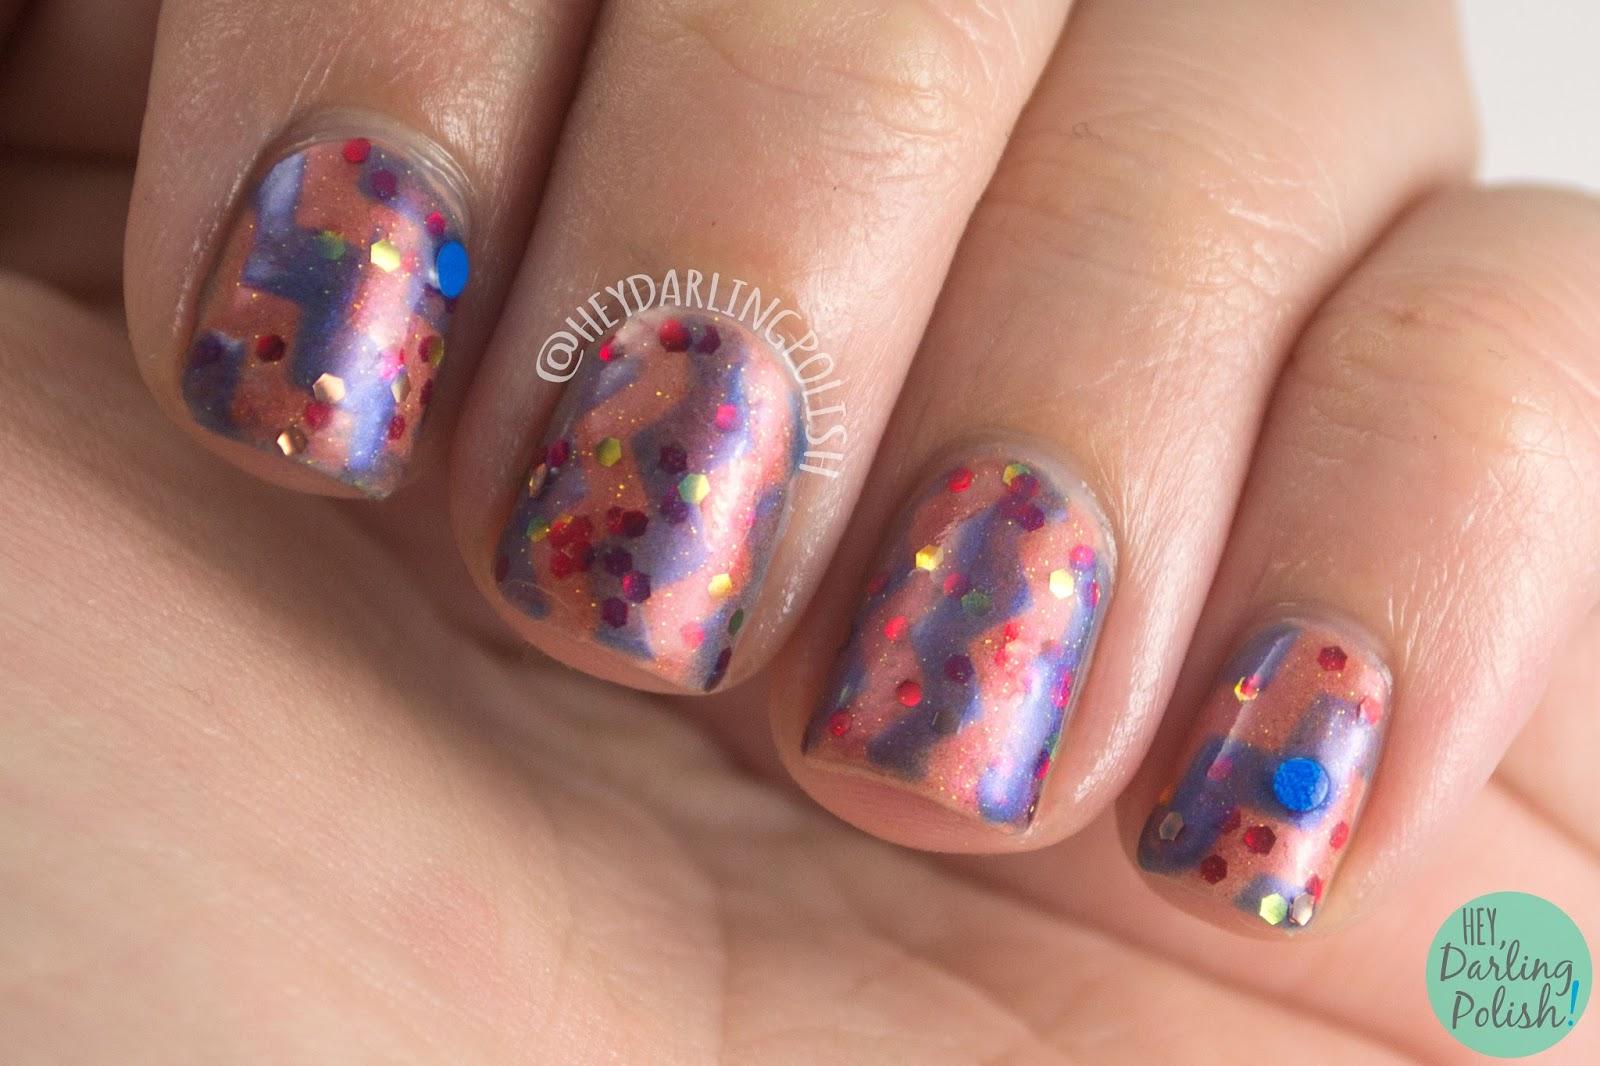 nails, nail art, fandom cosmetics, zig zags, hey darling polish, indie polish, indie nail polish, indie